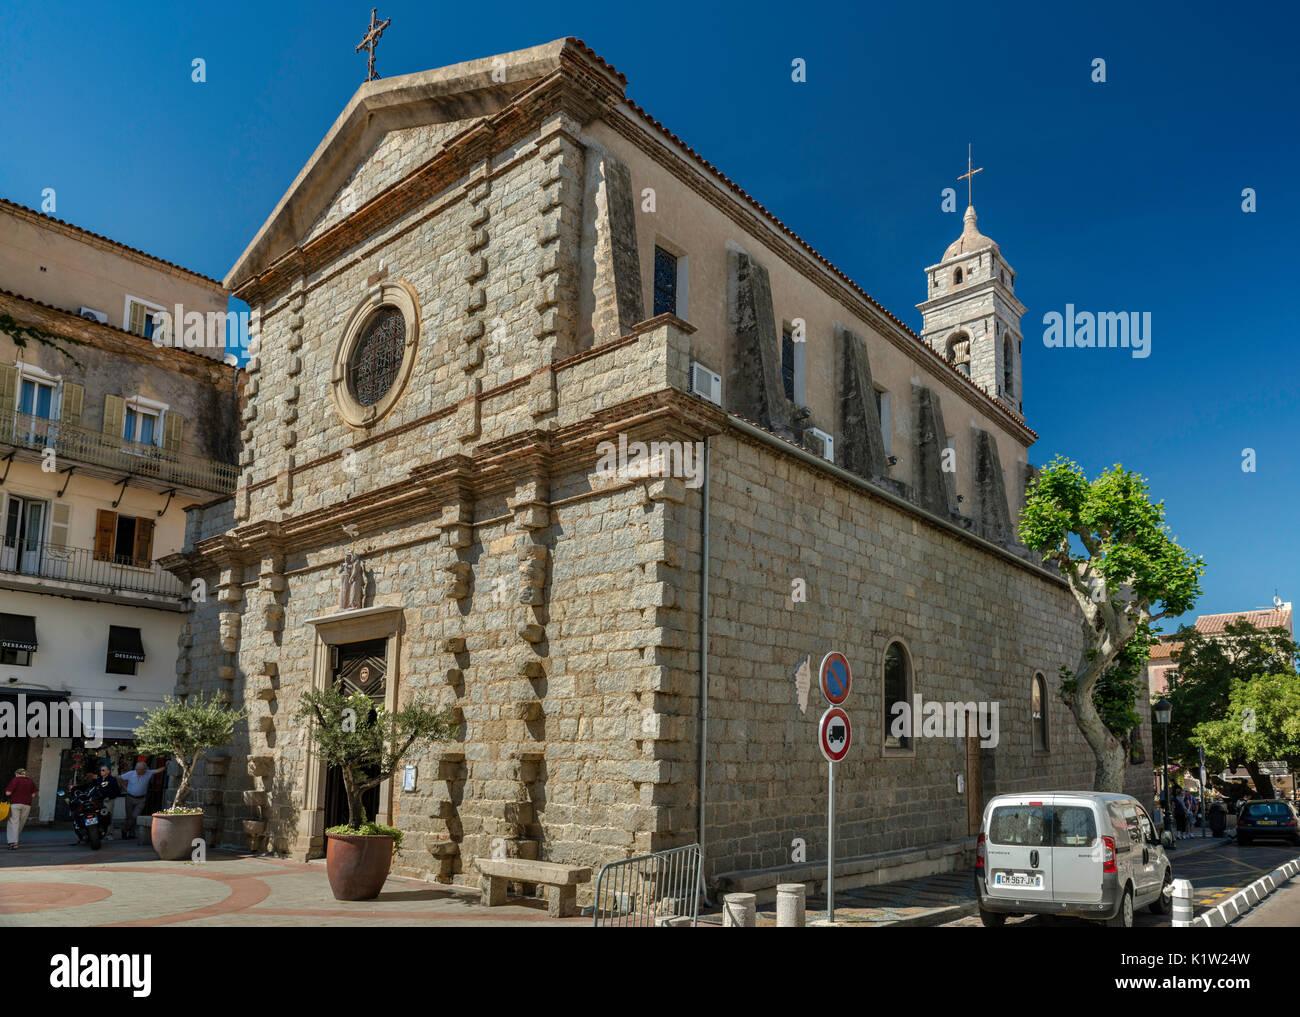 St-Jean-Baptiste Kirche, 16. Jahrhundert, auf dem Place de la Republique, in Porto-Vecchio, Korsika, Frankreich Stockbild